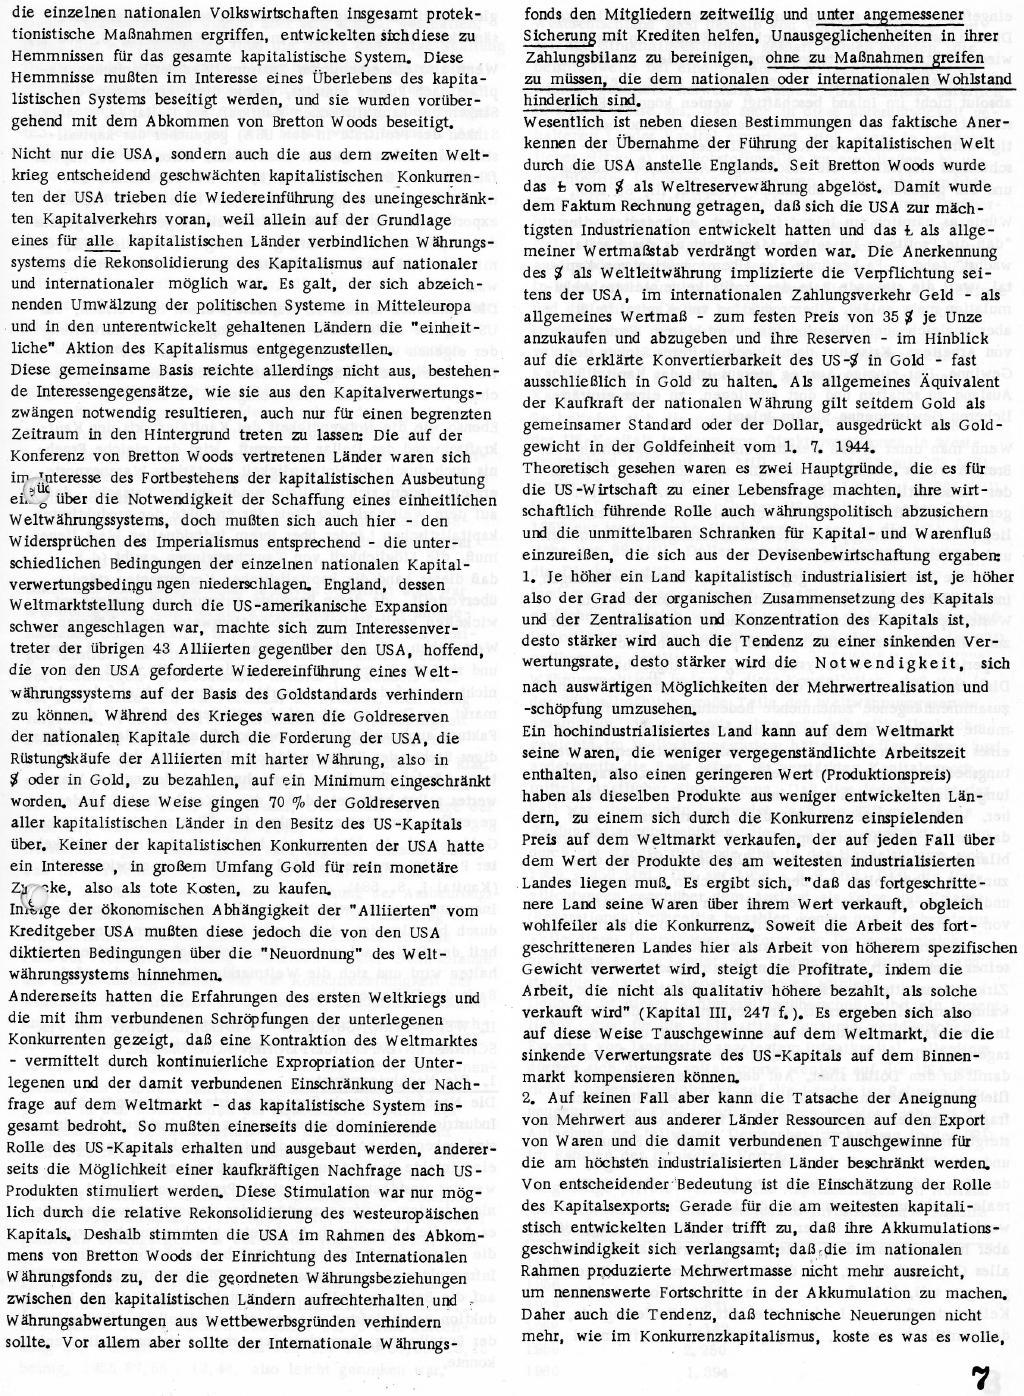 RPK_1971_117_07